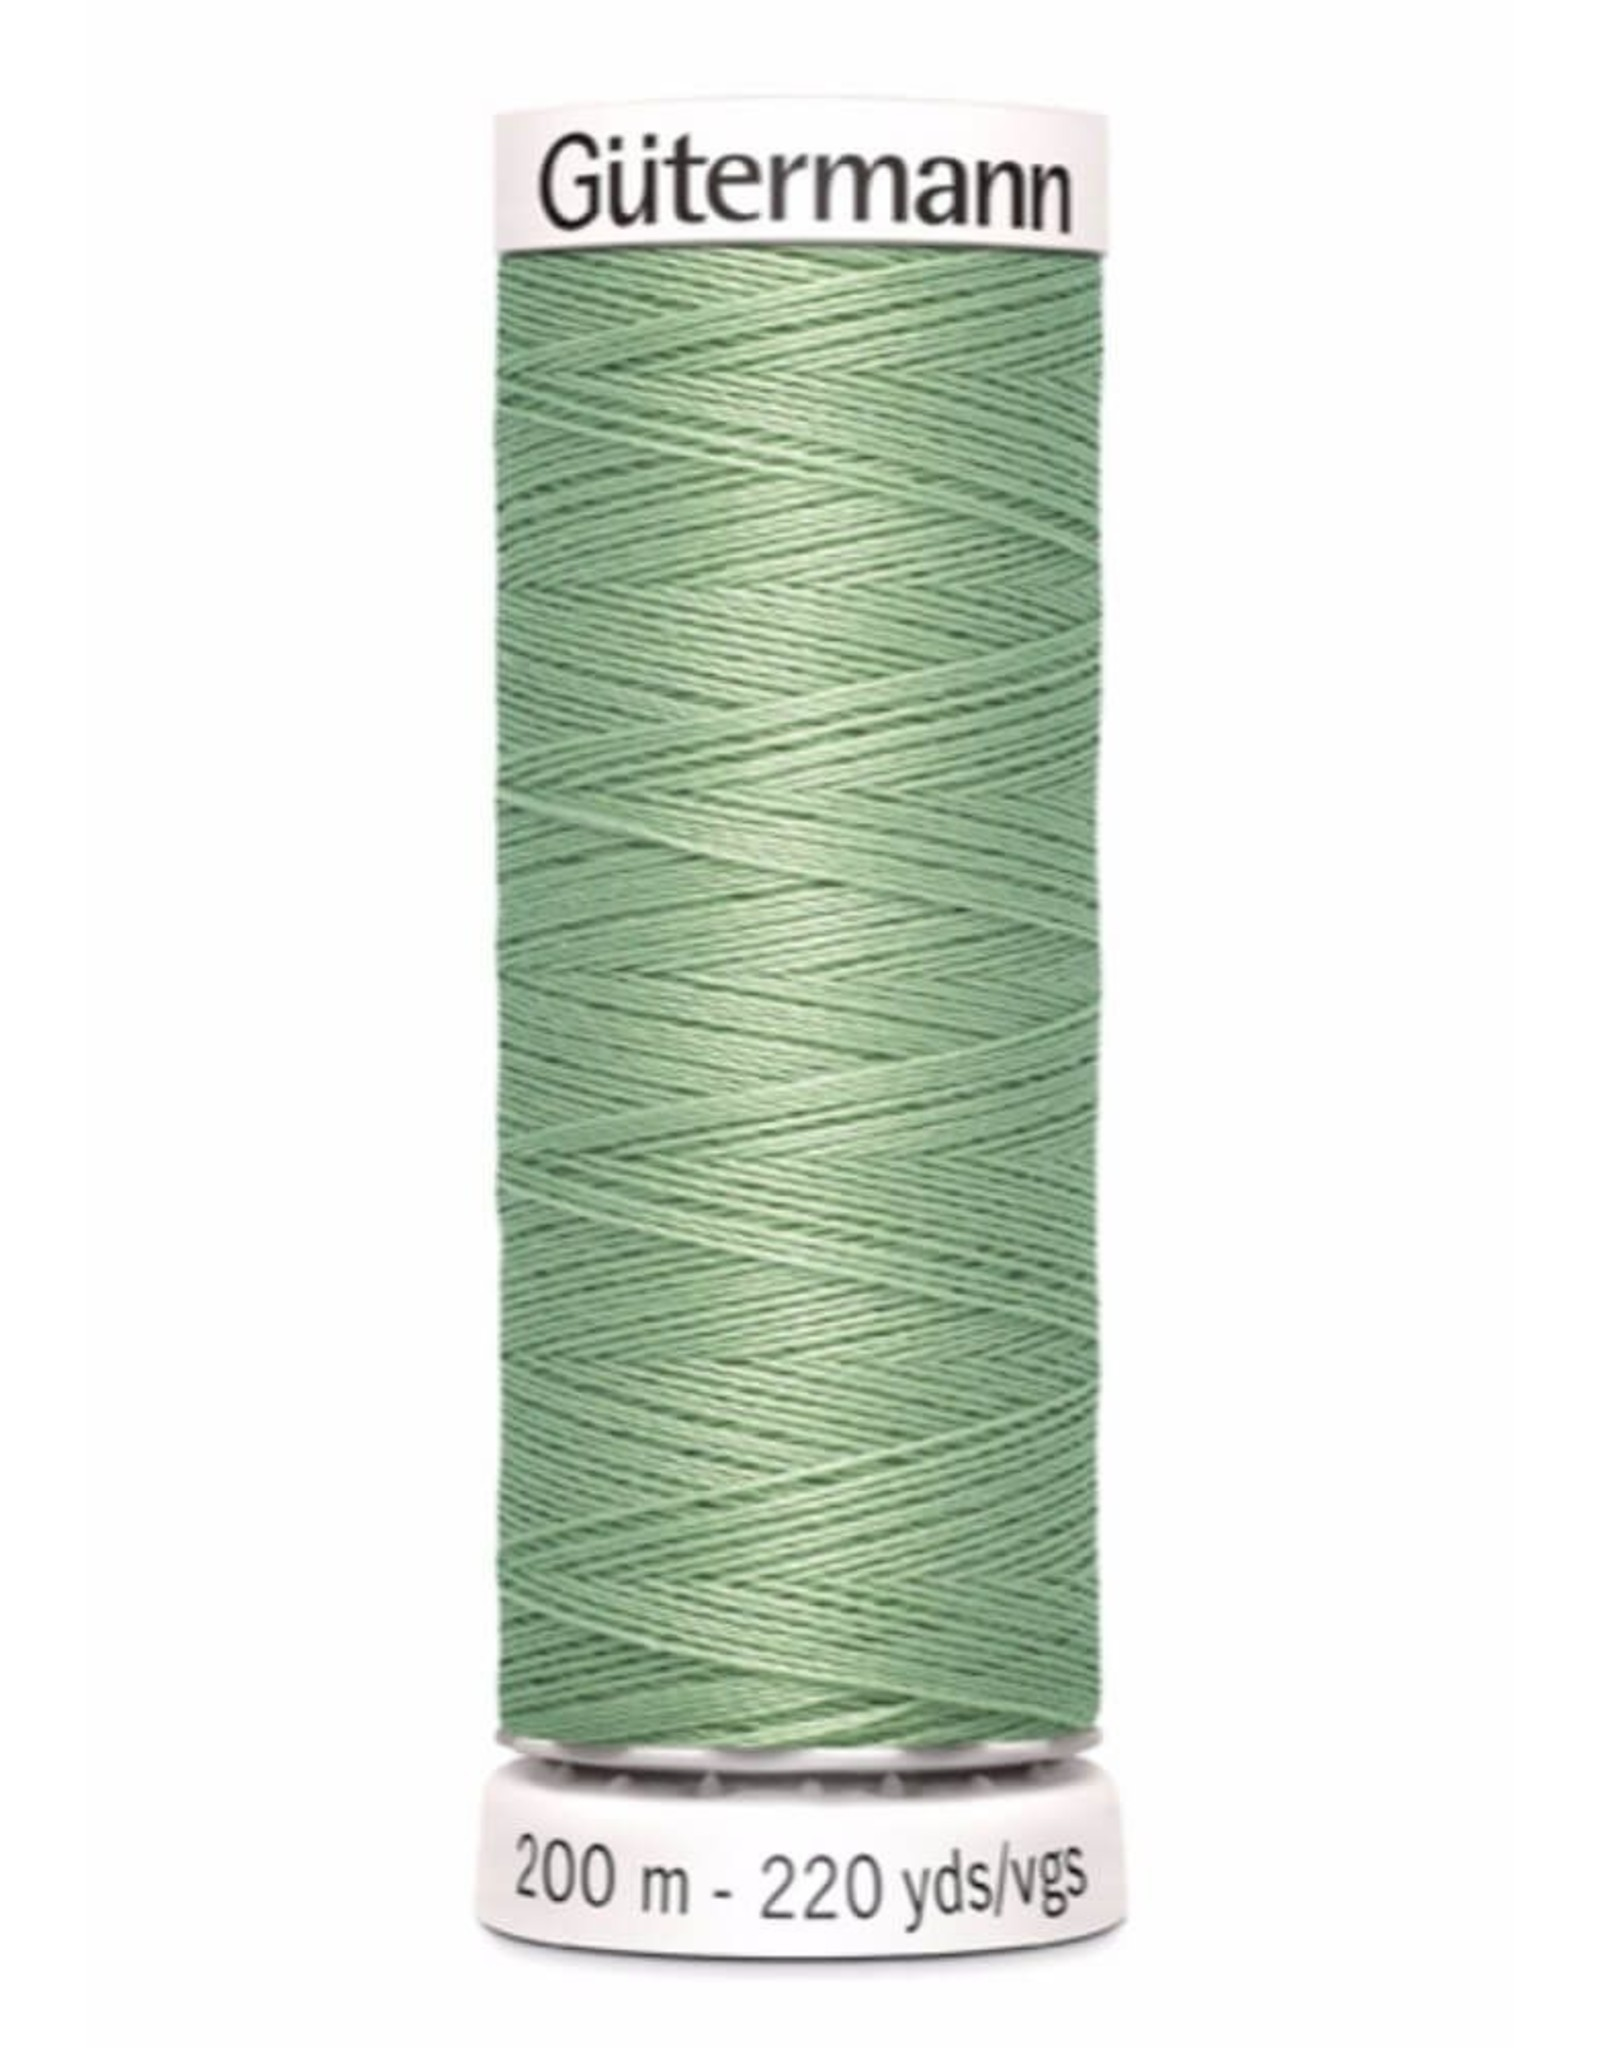 Gütermann Allesnaaigaren 200m - Thee groen - Kleur 914